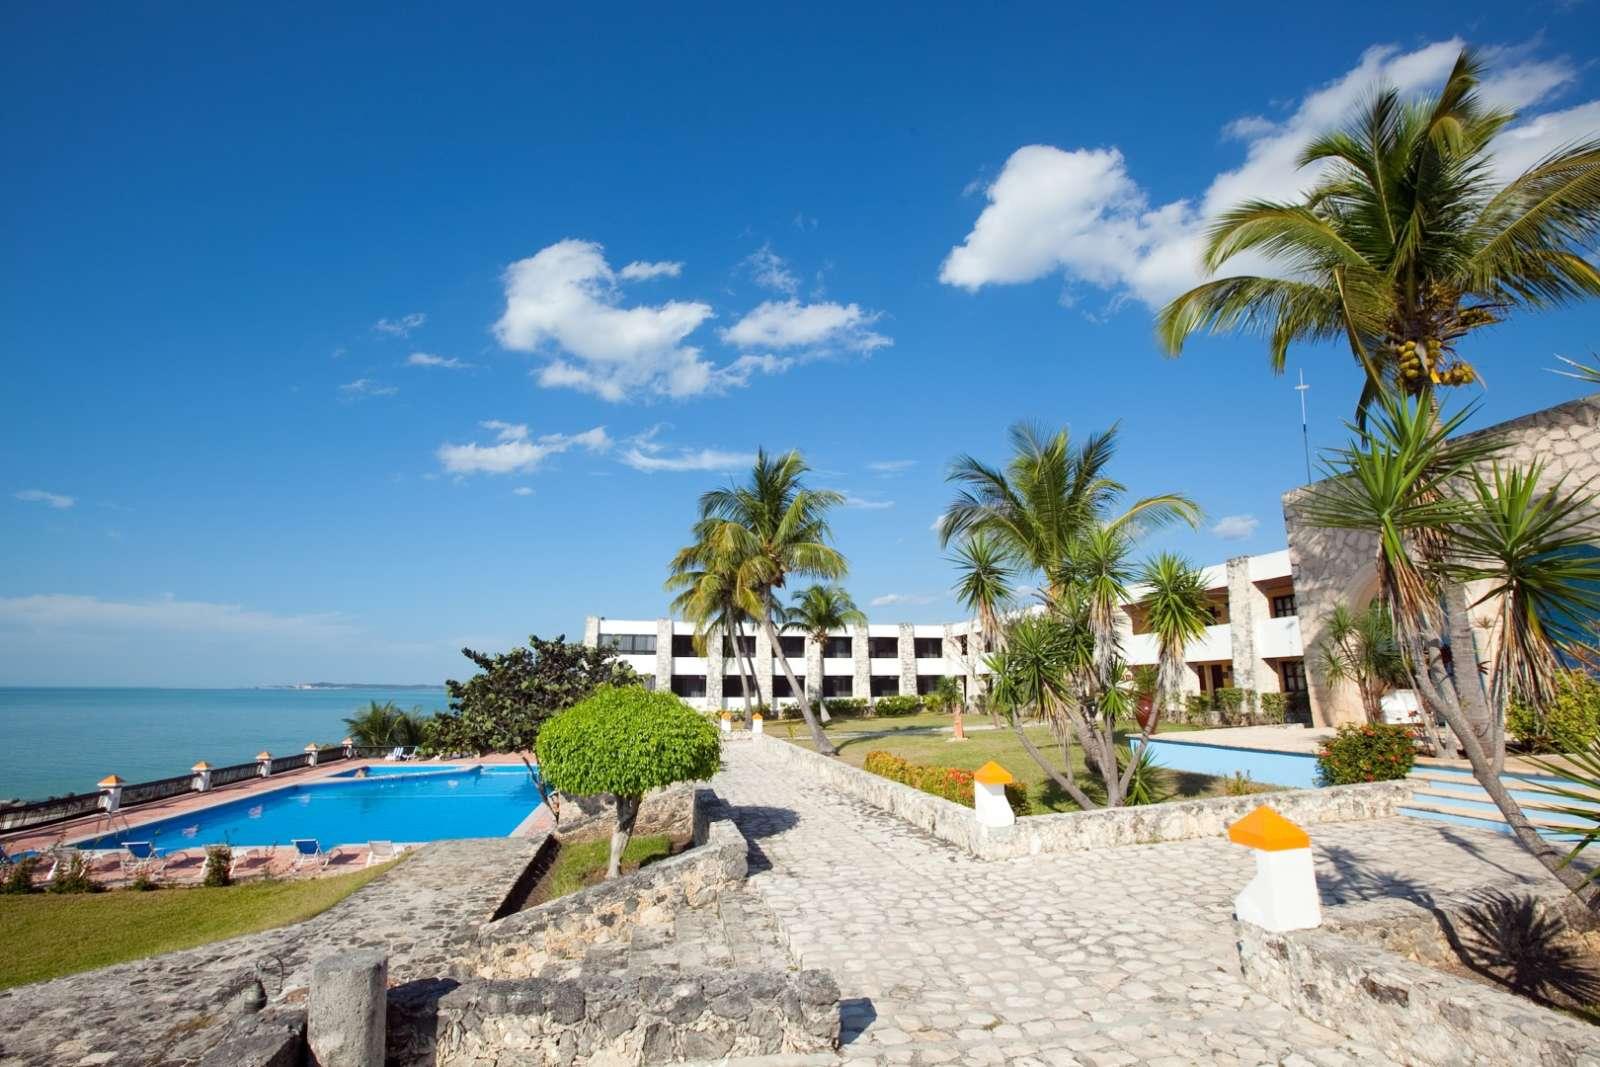 Hotel Tucan Siho Playa Campeche